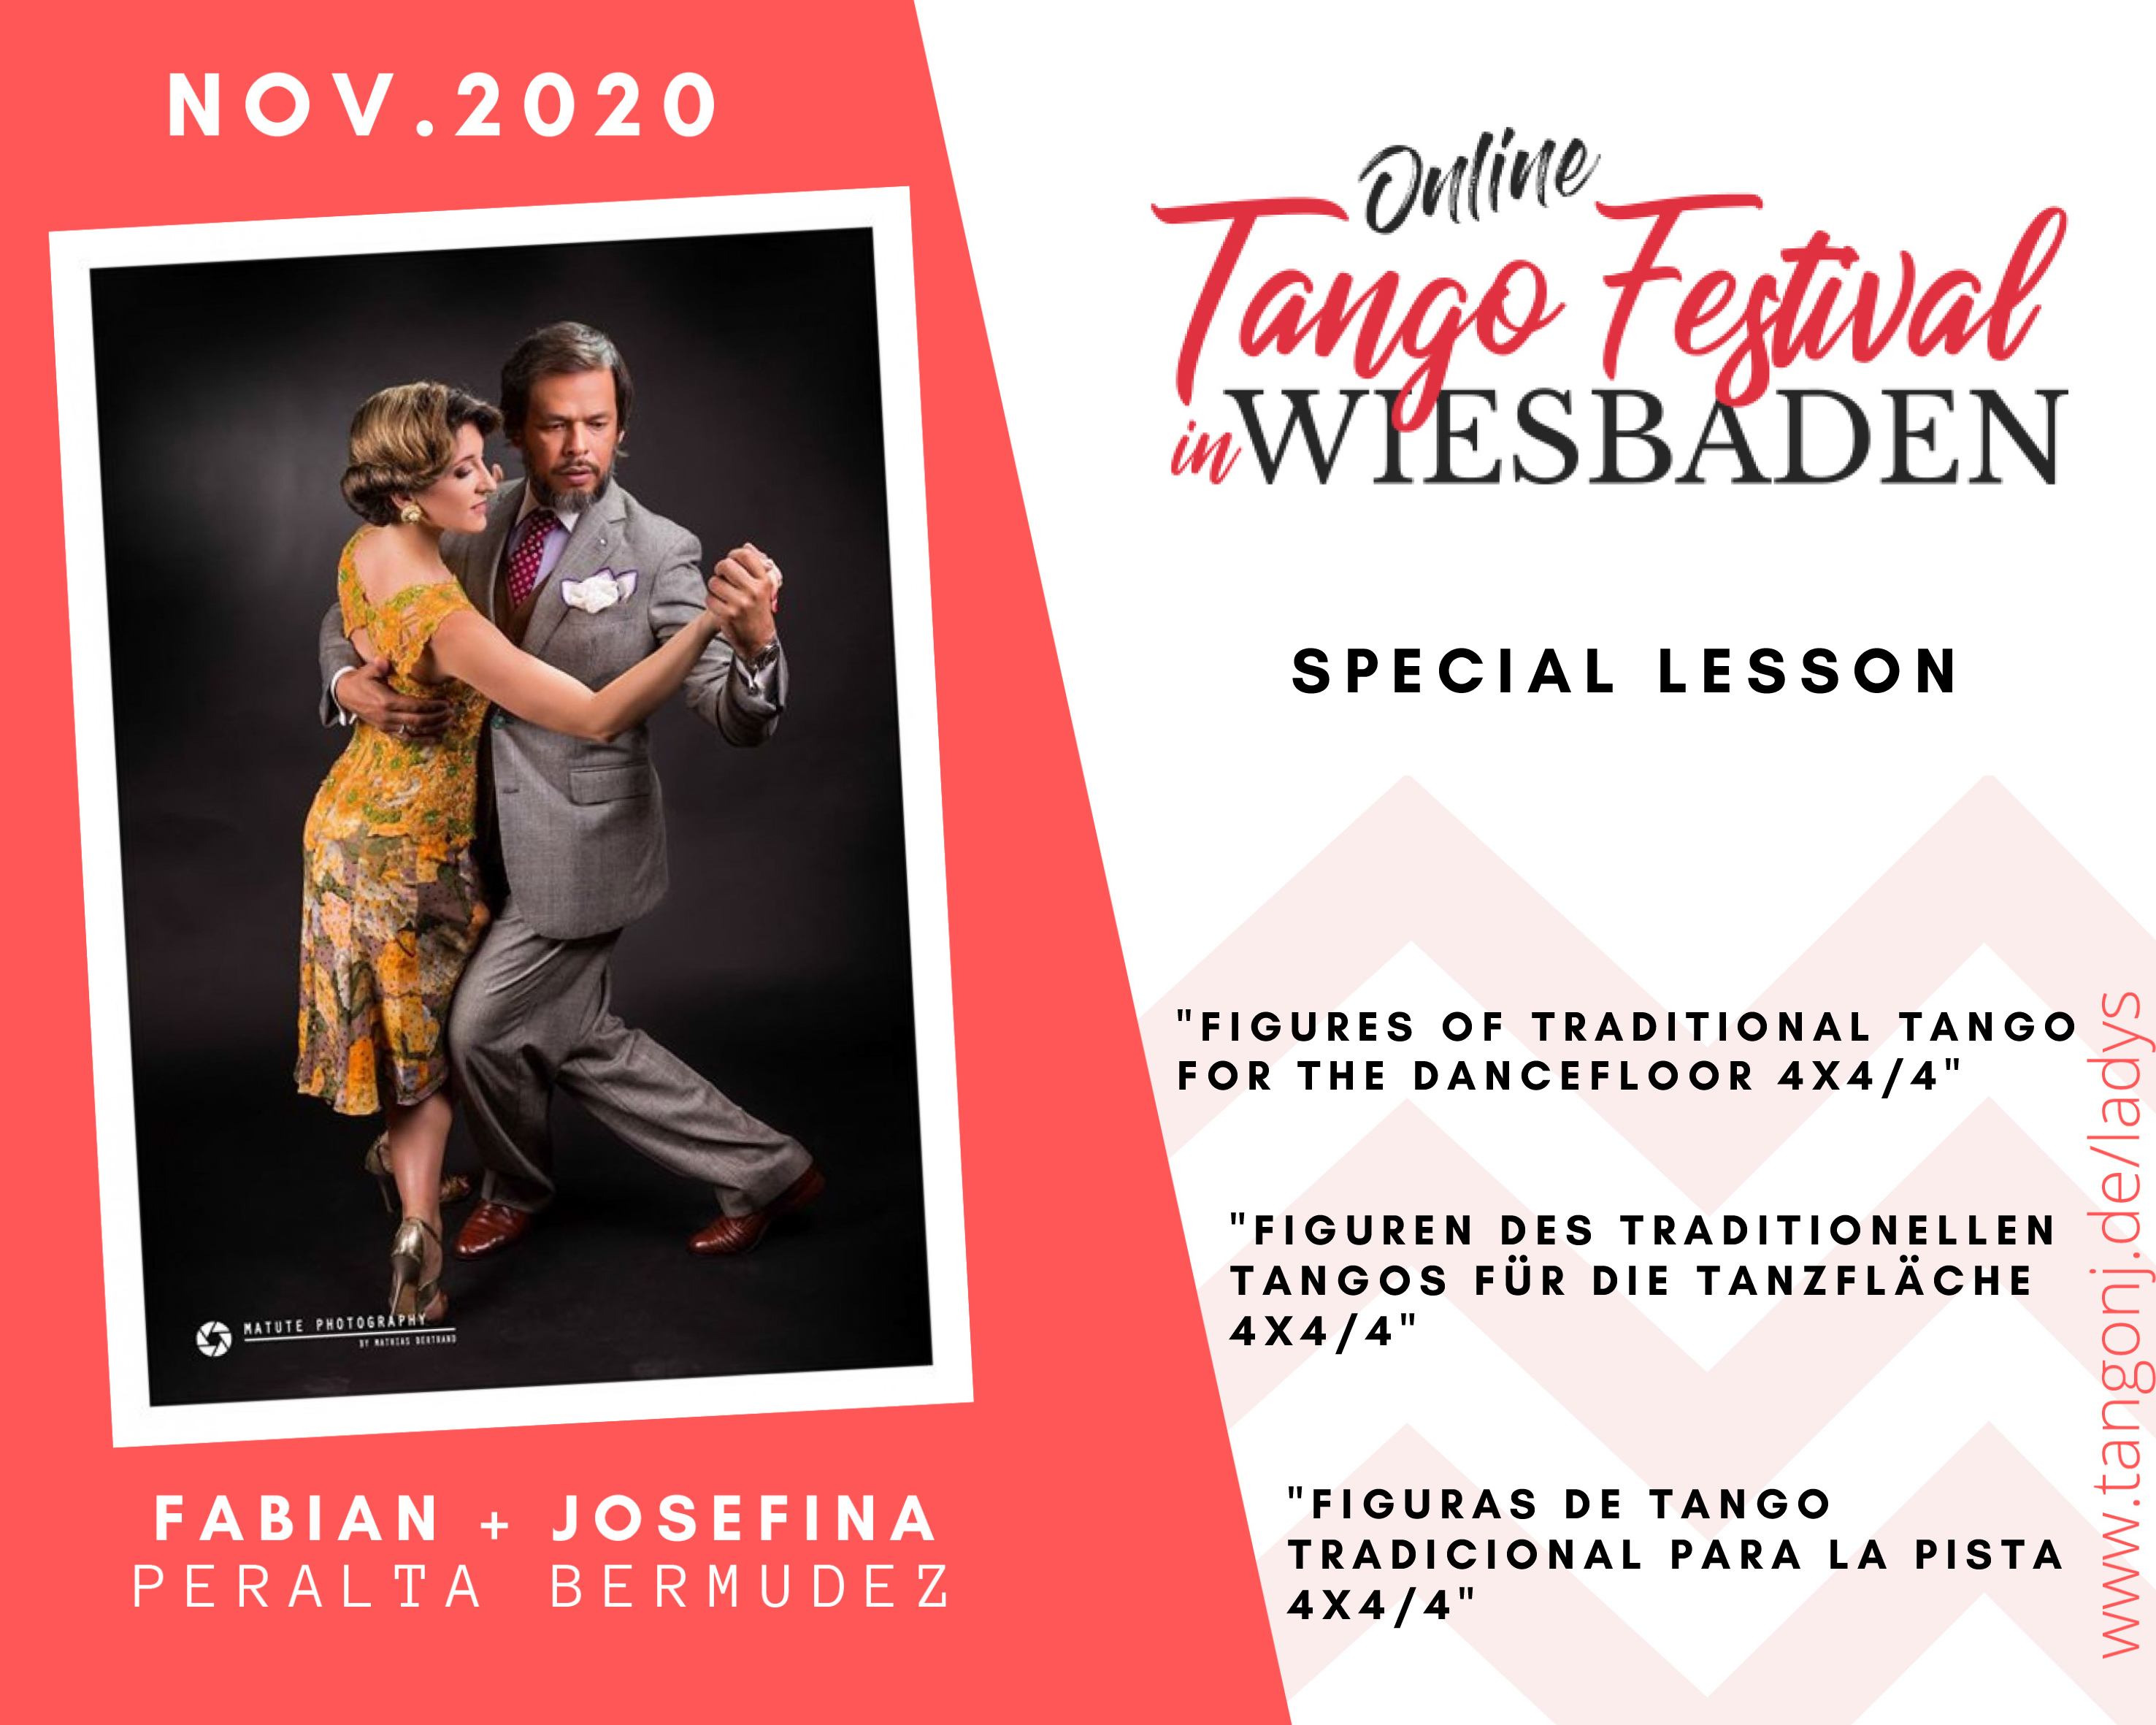 ladys tango festival wiesbaden – tango festival in wiesbaden